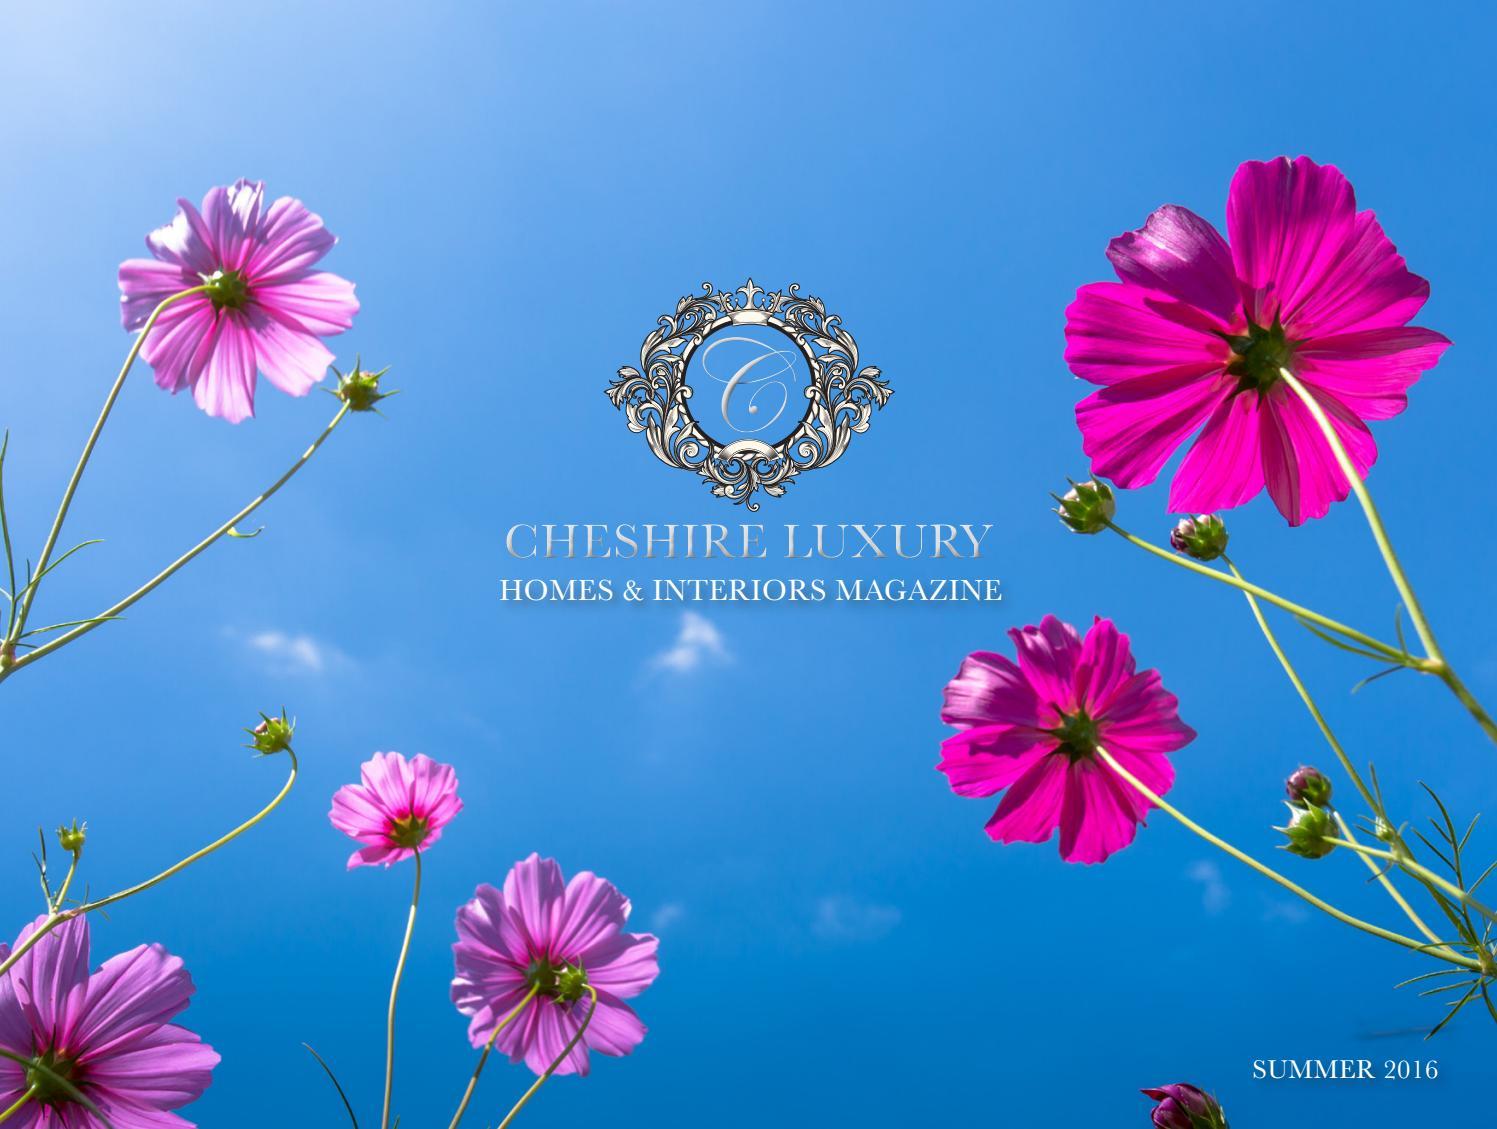 cheshire luxury homes interiors magazine summer 2016 by luxury cheshire luxury homes interiors magazine summer 2016 by luxury titles issuu